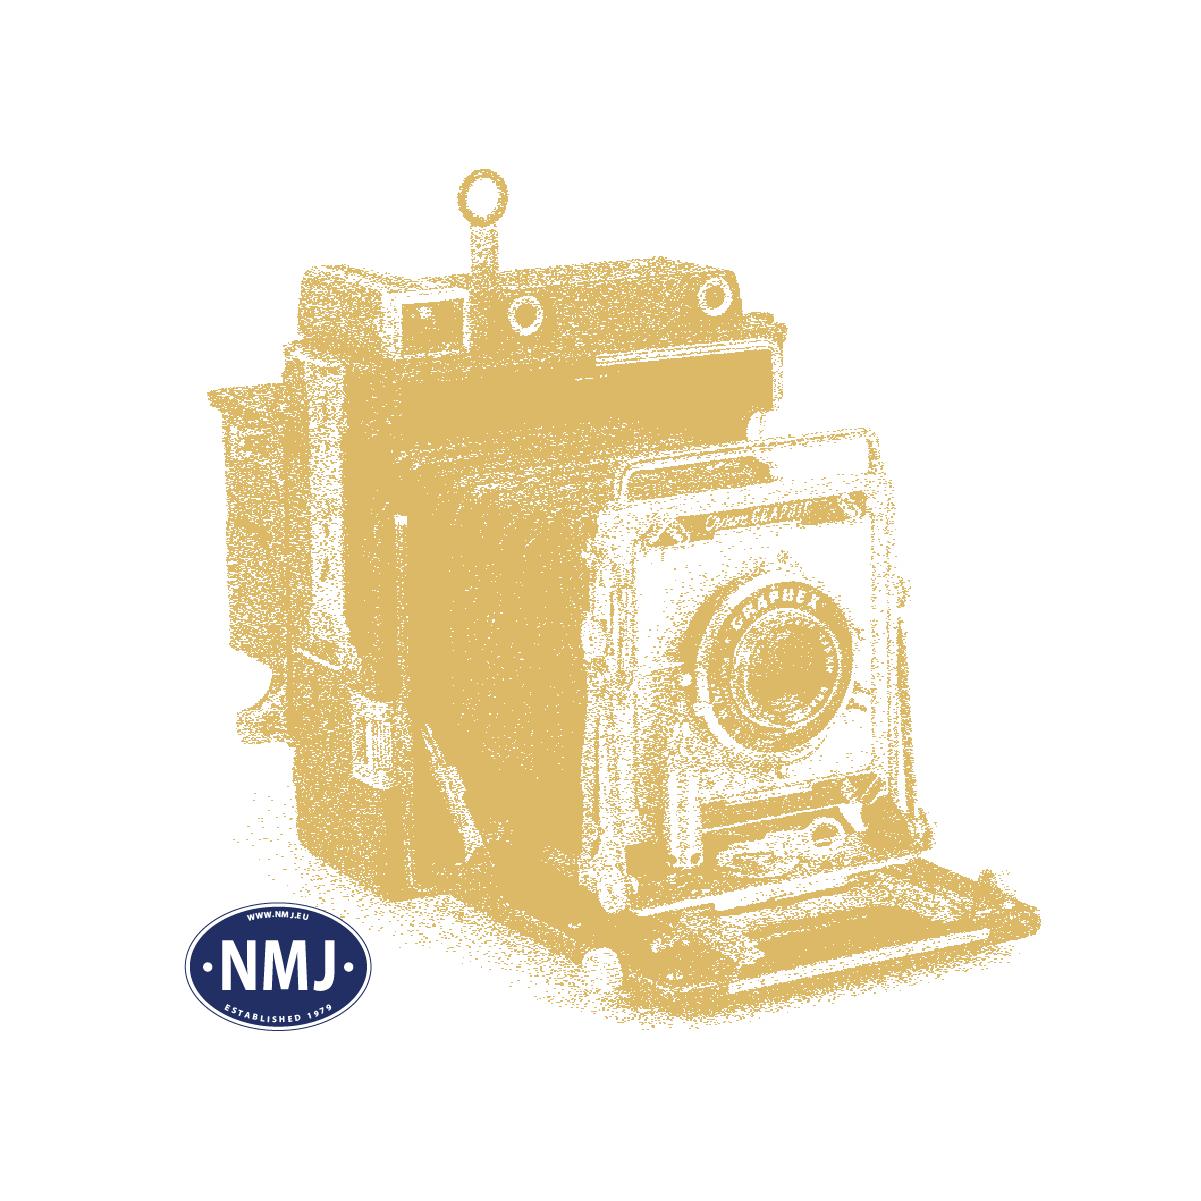 NMJT101.103 - NMJ Topline NSB WLABK 21078, 1/2 kl. Sovevogn, gammeldesign